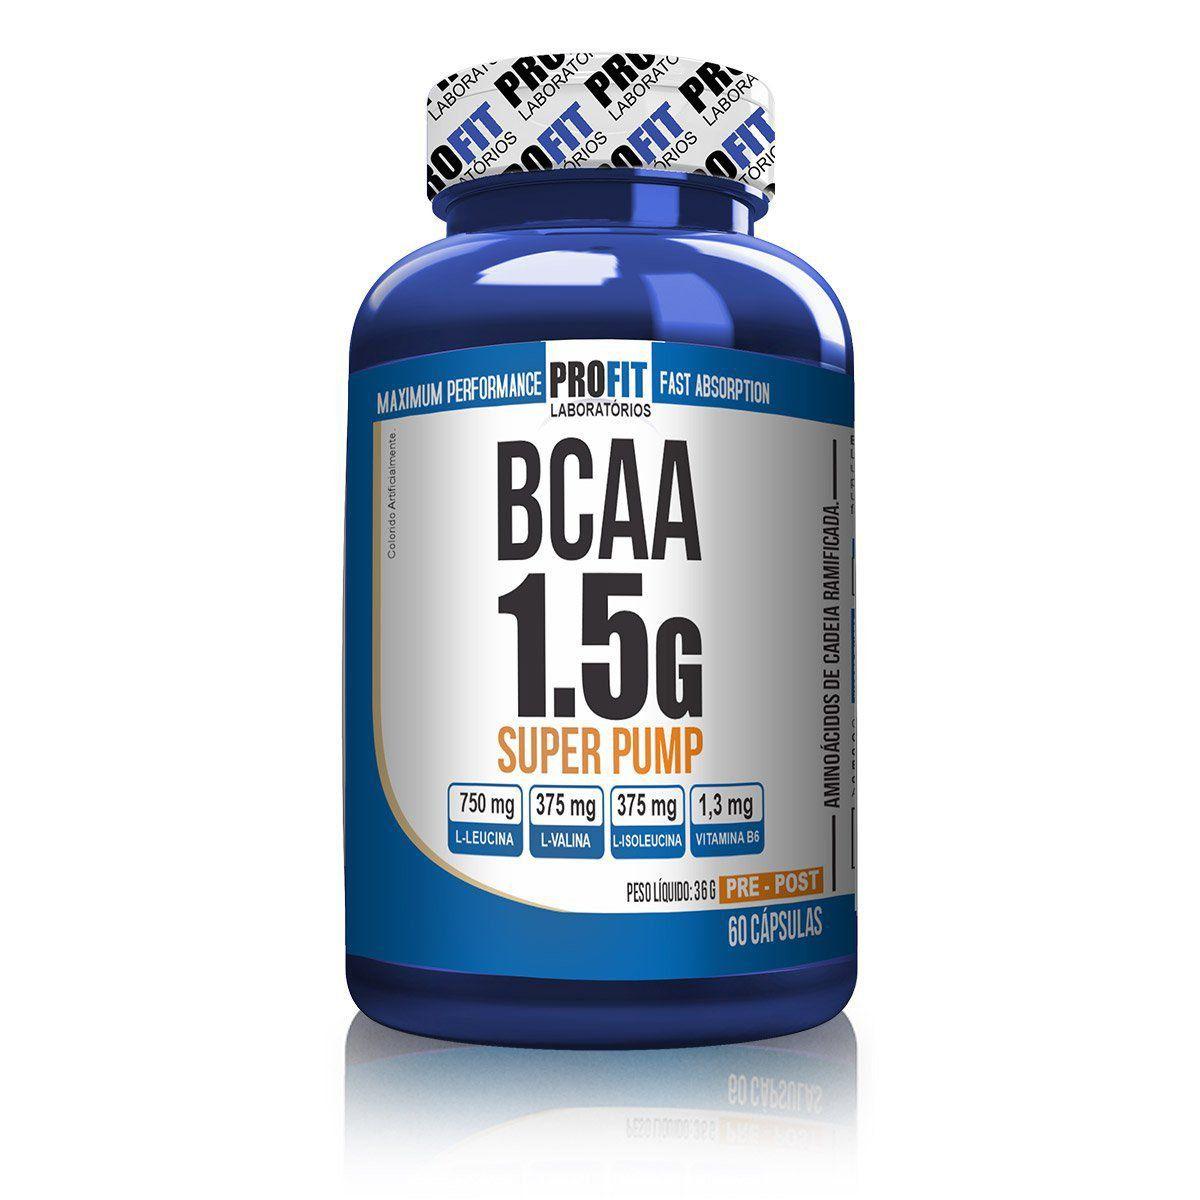 5x Bcaa Aminoácido 1.5g Super Pump 60caps - Profit Labs